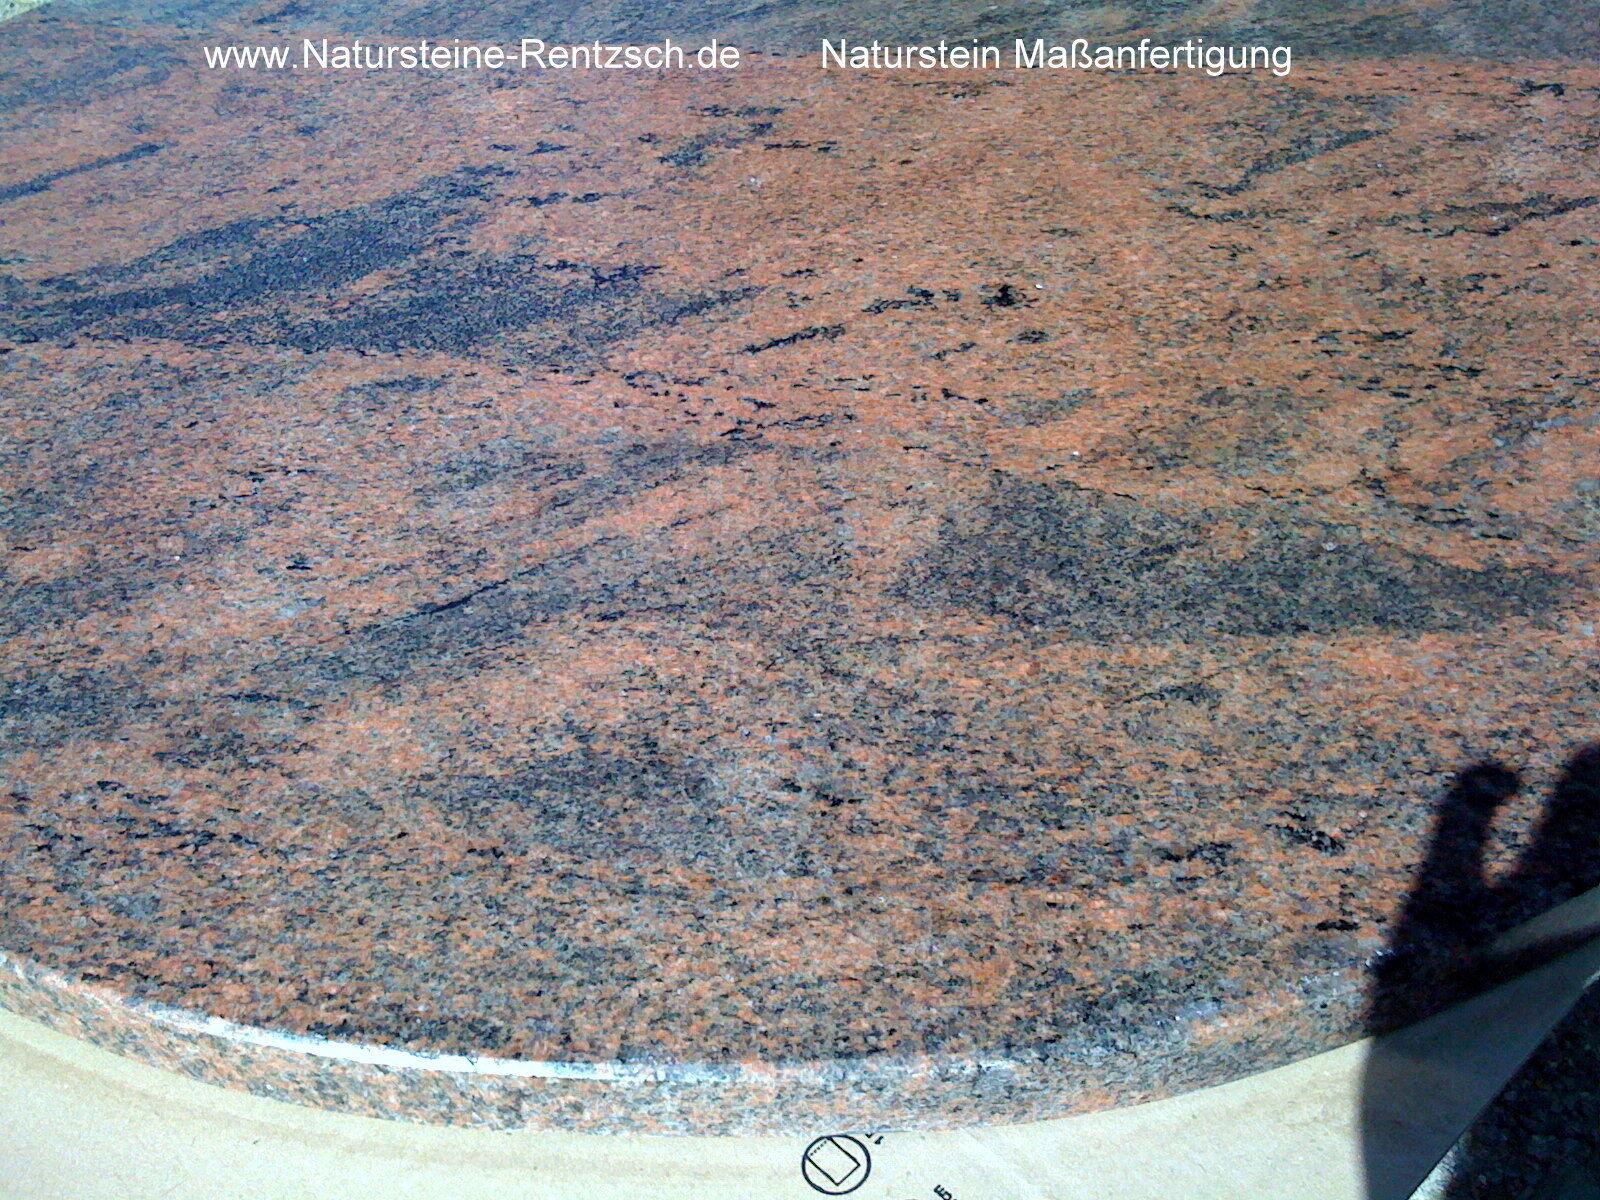 runde tischplatte marmor granit naturstein rot steinplatte platte multicolor red eur 349 99. Black Bedroom Furniture Sets. Home Design Ideas